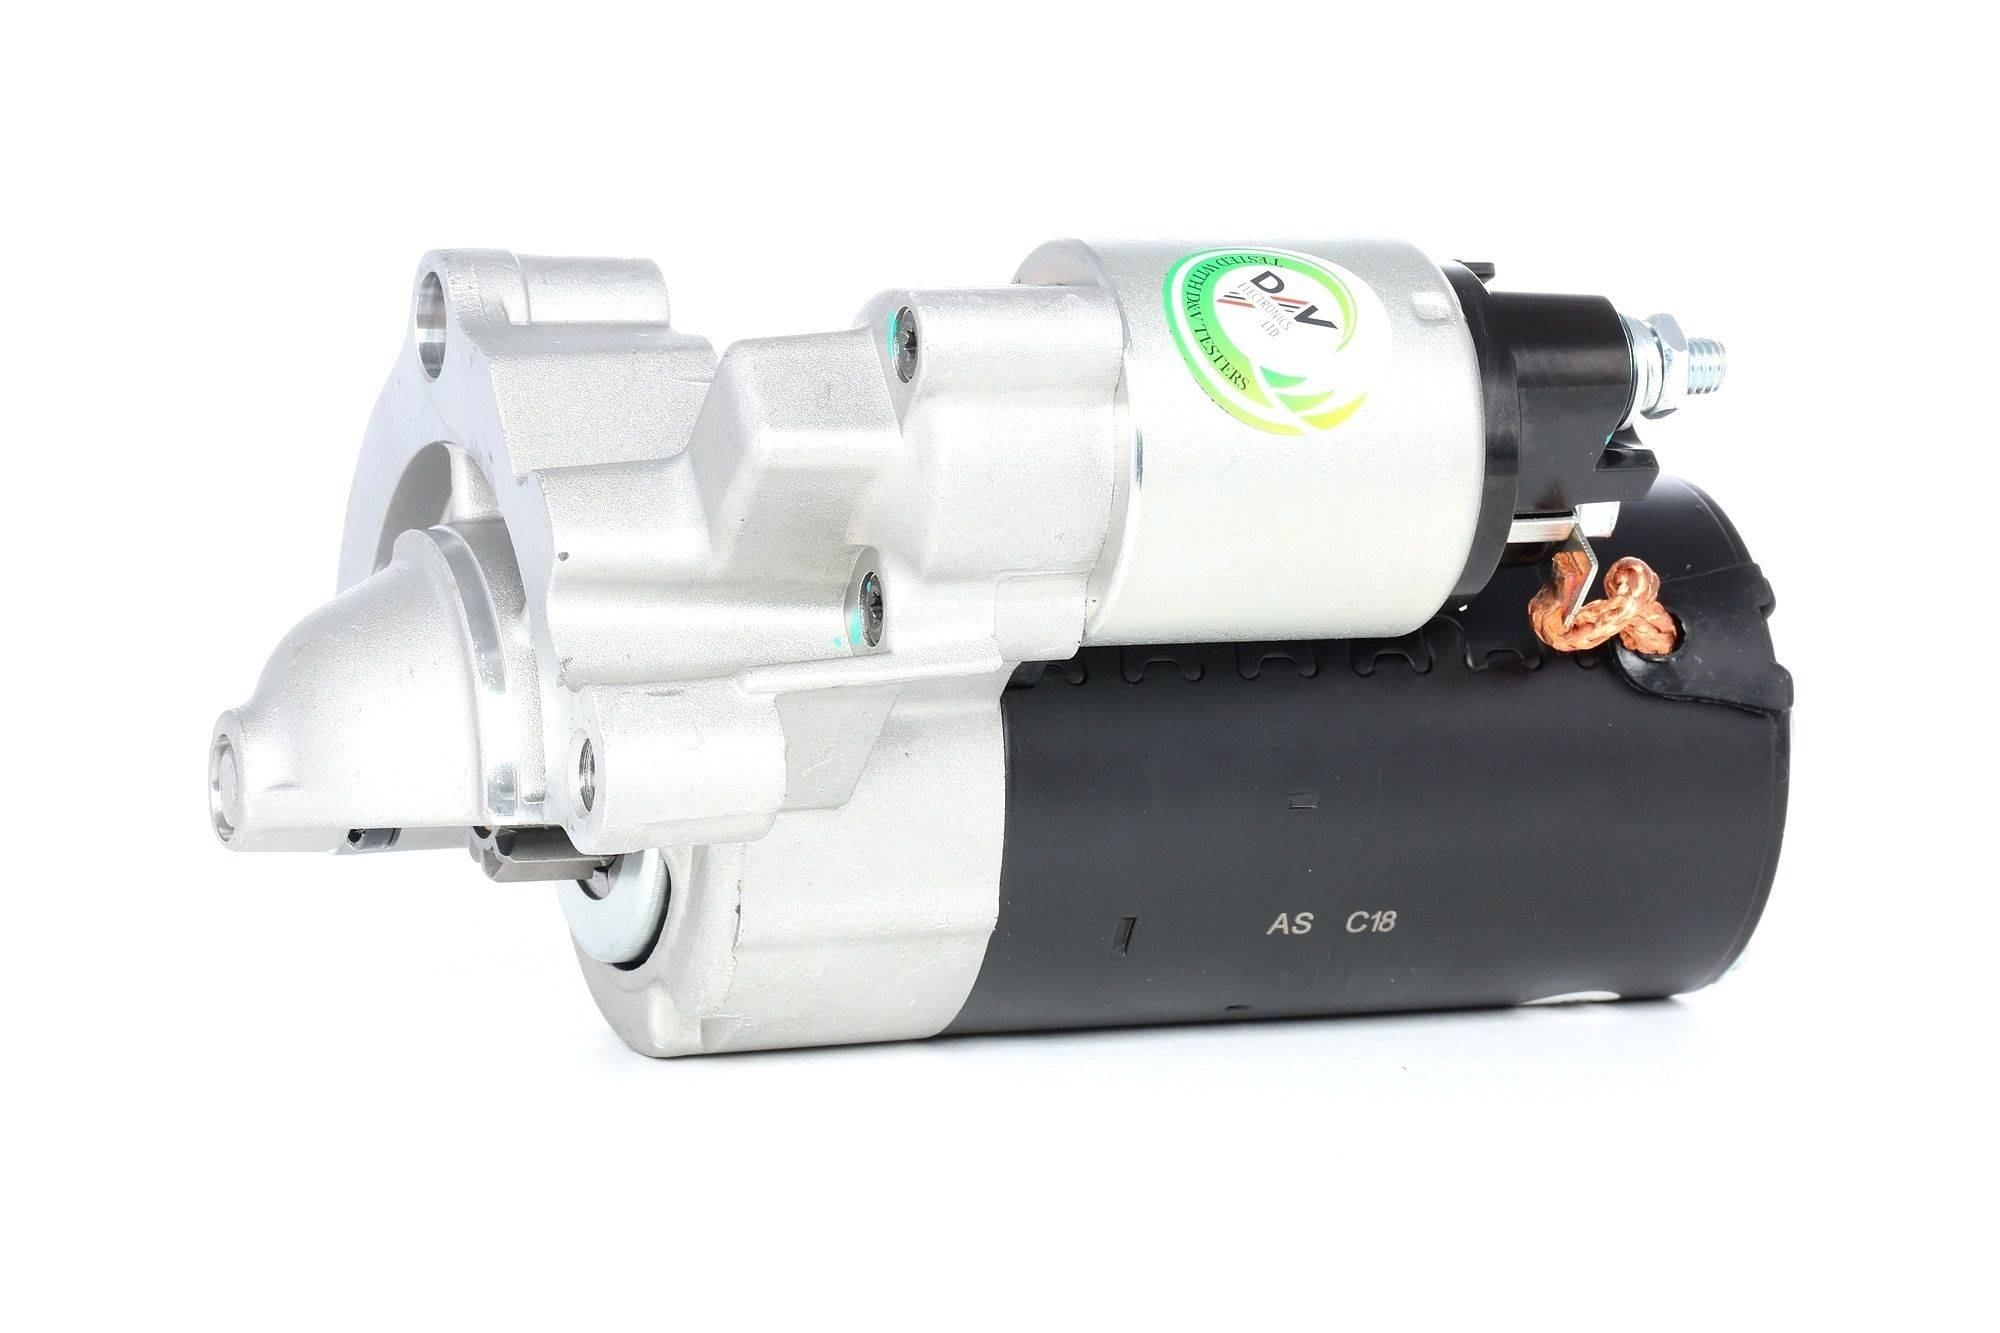 AS-PL Starttimoottori Brand new INA Alternator freewheel pulley S0550 Startti,Käynnistinmoottori FIAT,PEUGEOT,HYUNDAI,DUCATO Pritsche/Fahrgestell 230